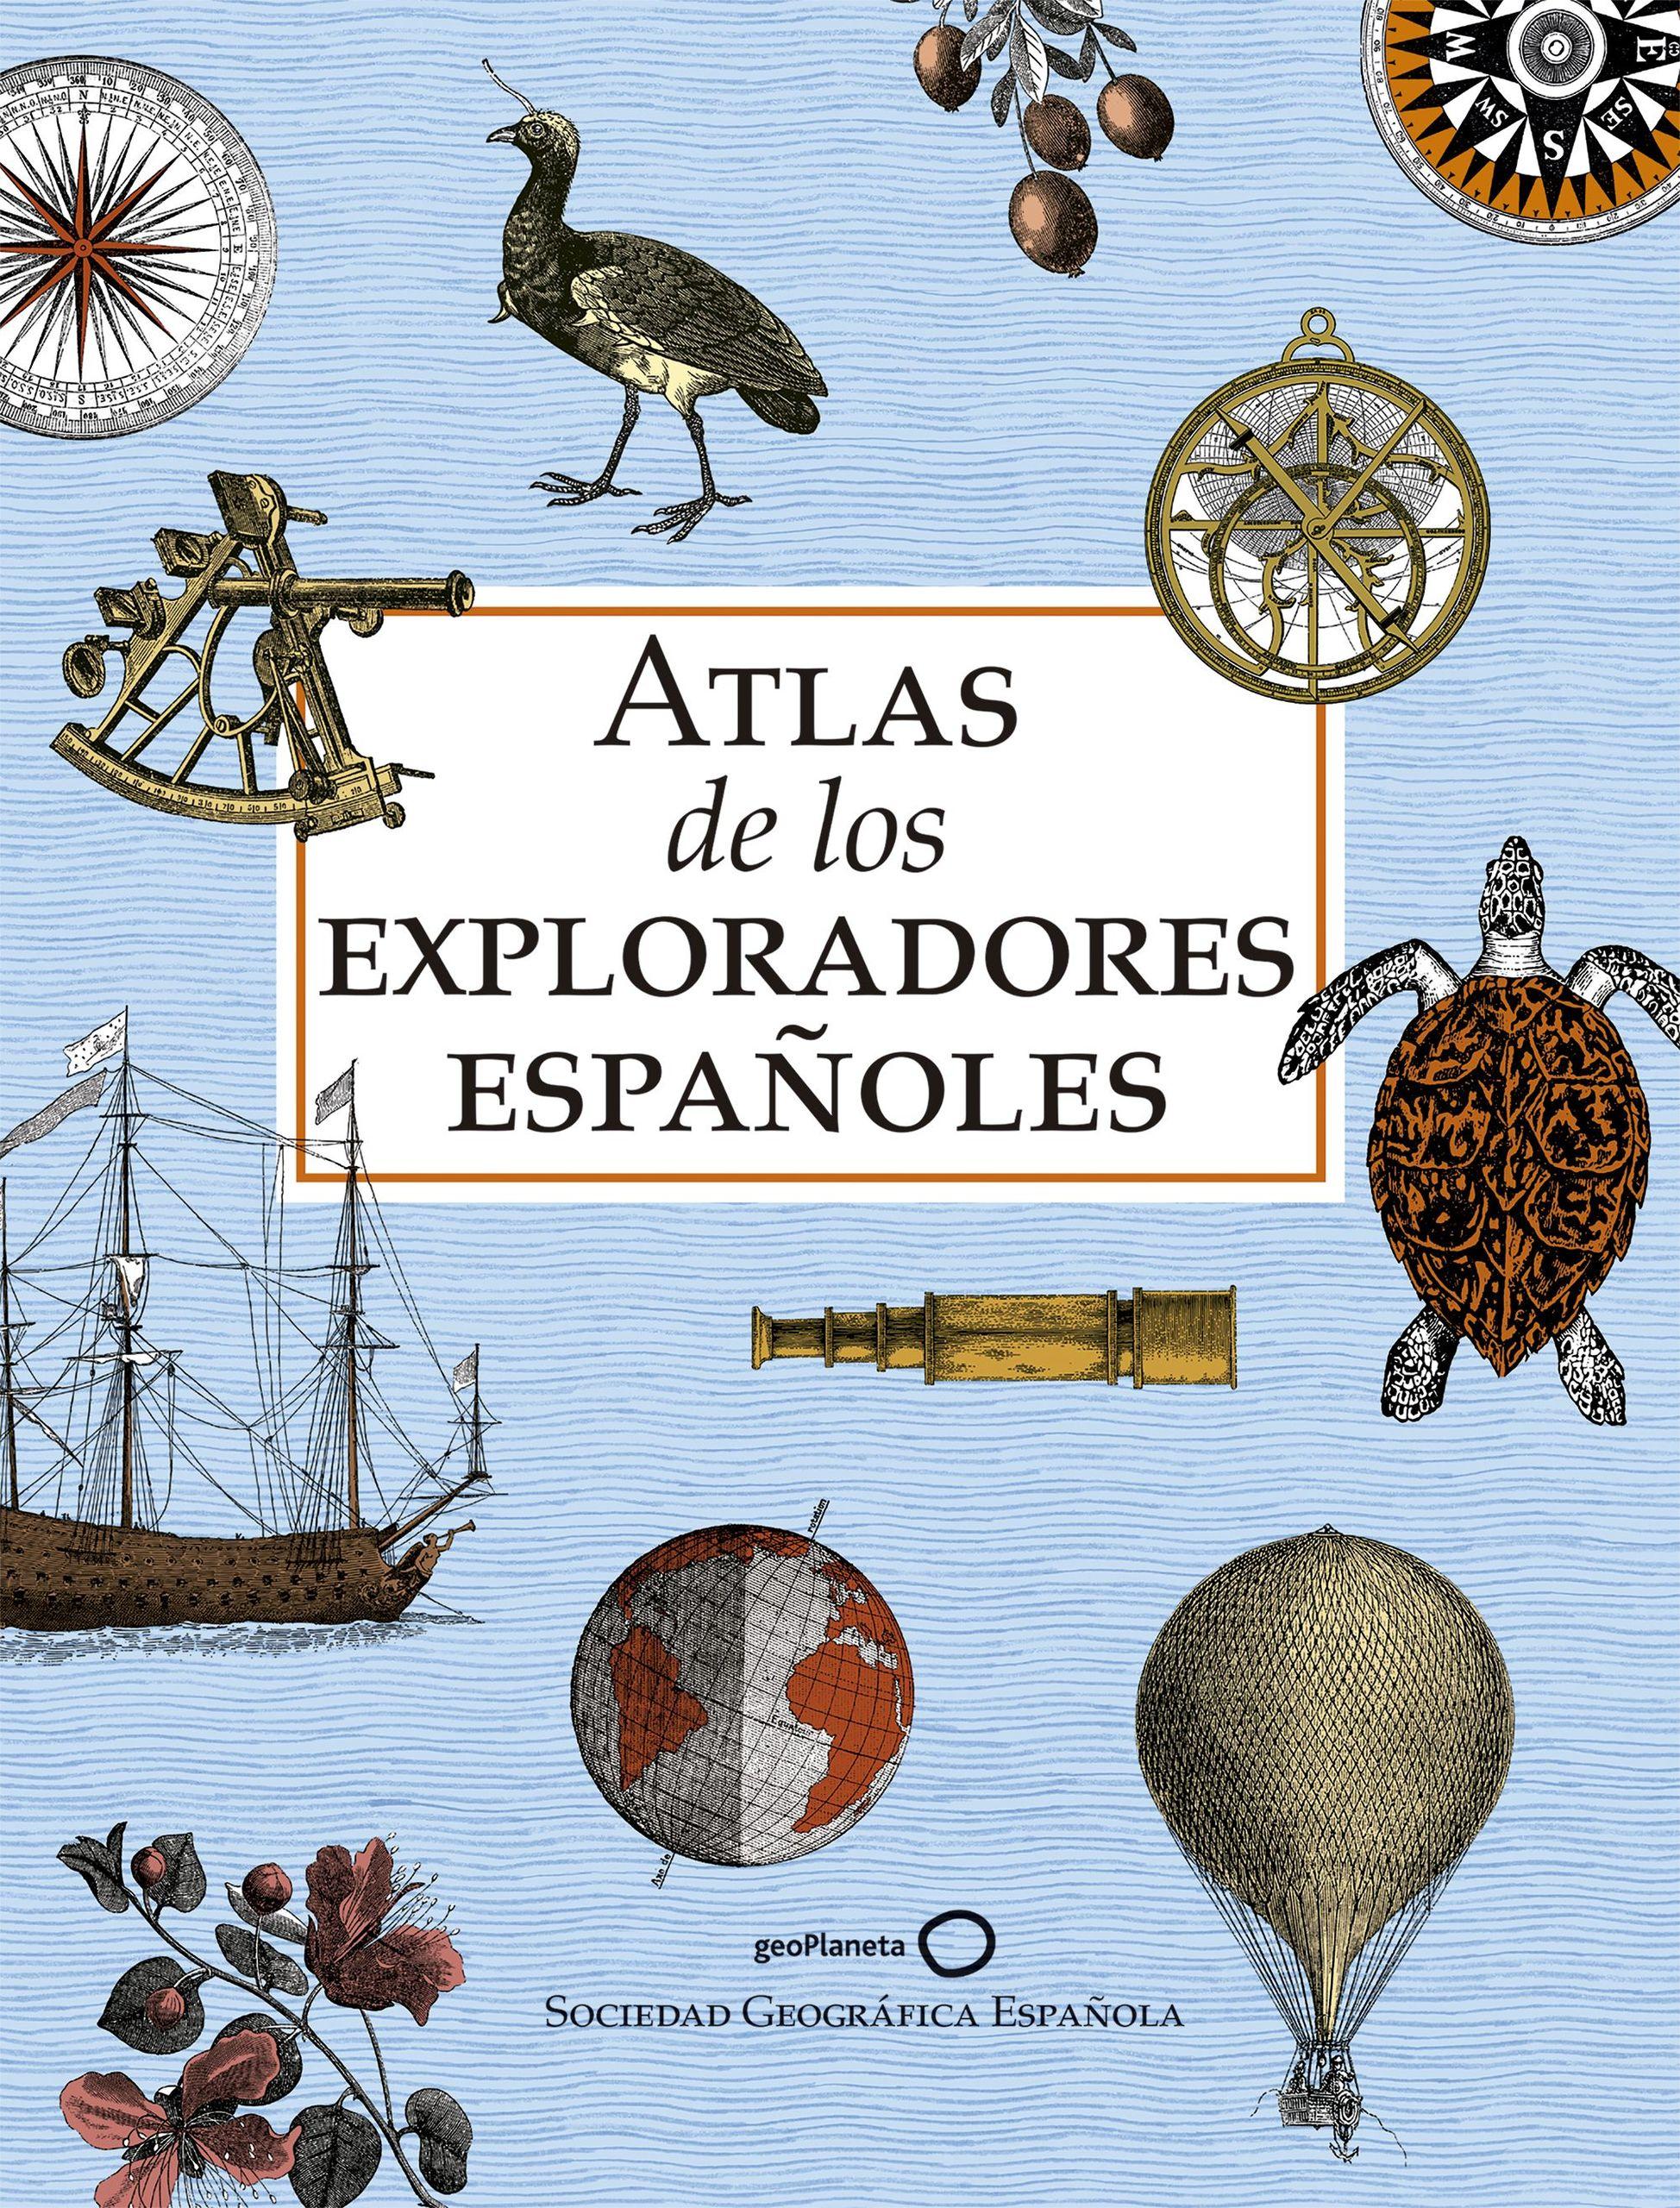 portadaatlas-de-los-exploradores-espanoles.jpg